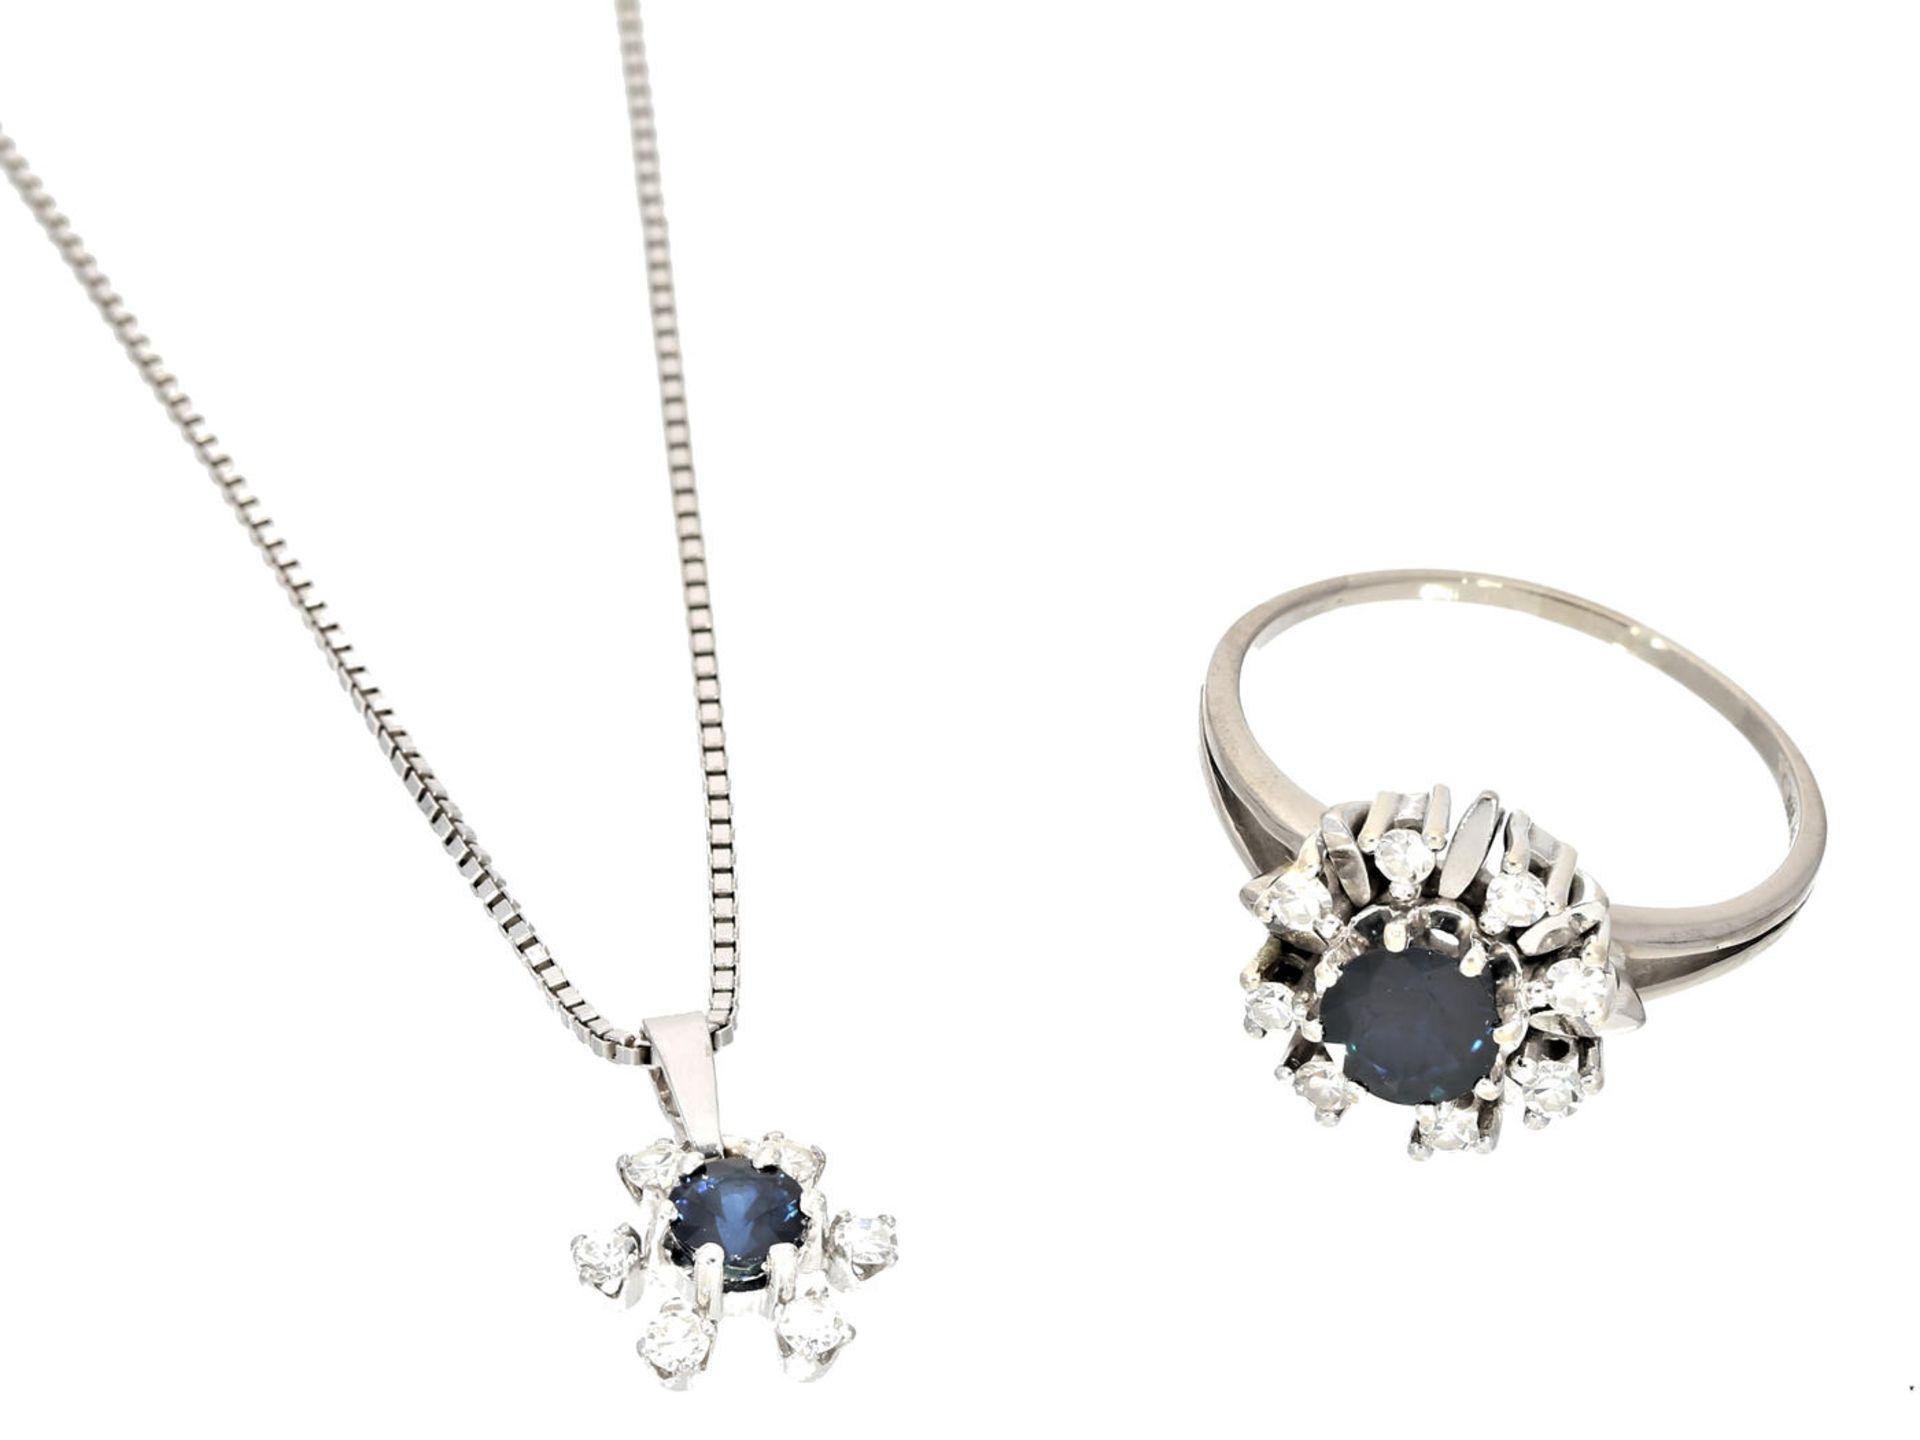 Los 6018 - Ring/Kette/Anhänger: vintageSchmuckset mit Saphiren und Diamanten 1. Ring ca. Ø19mm, RG60, ca. 5,6g,